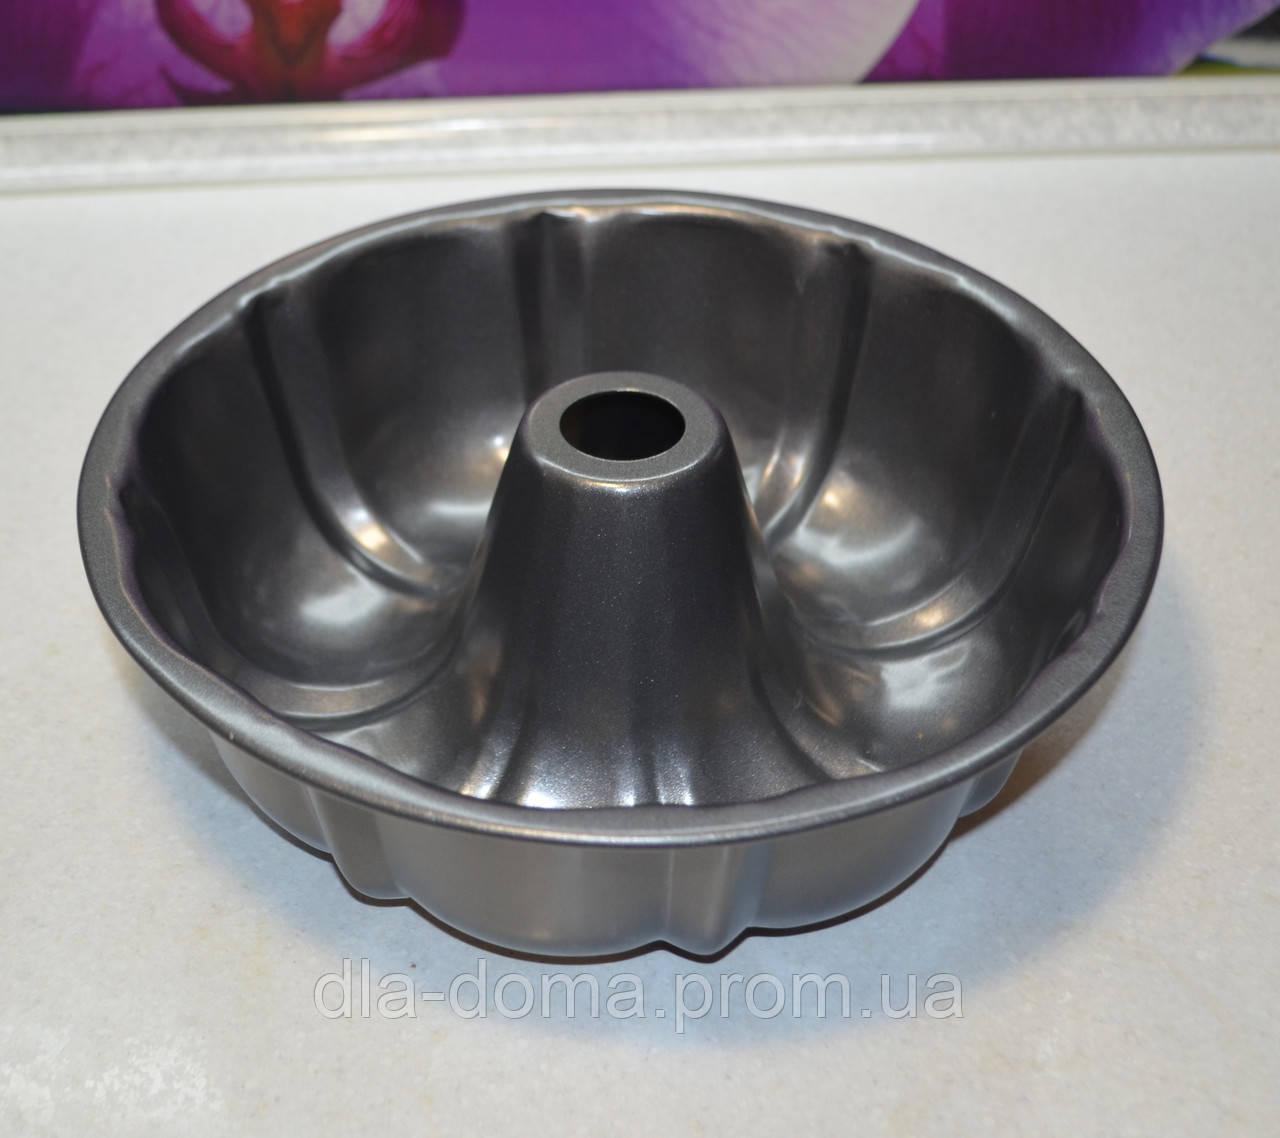 Форма для выпекания металлическая со втулкой диаметр 26 * 9 см.